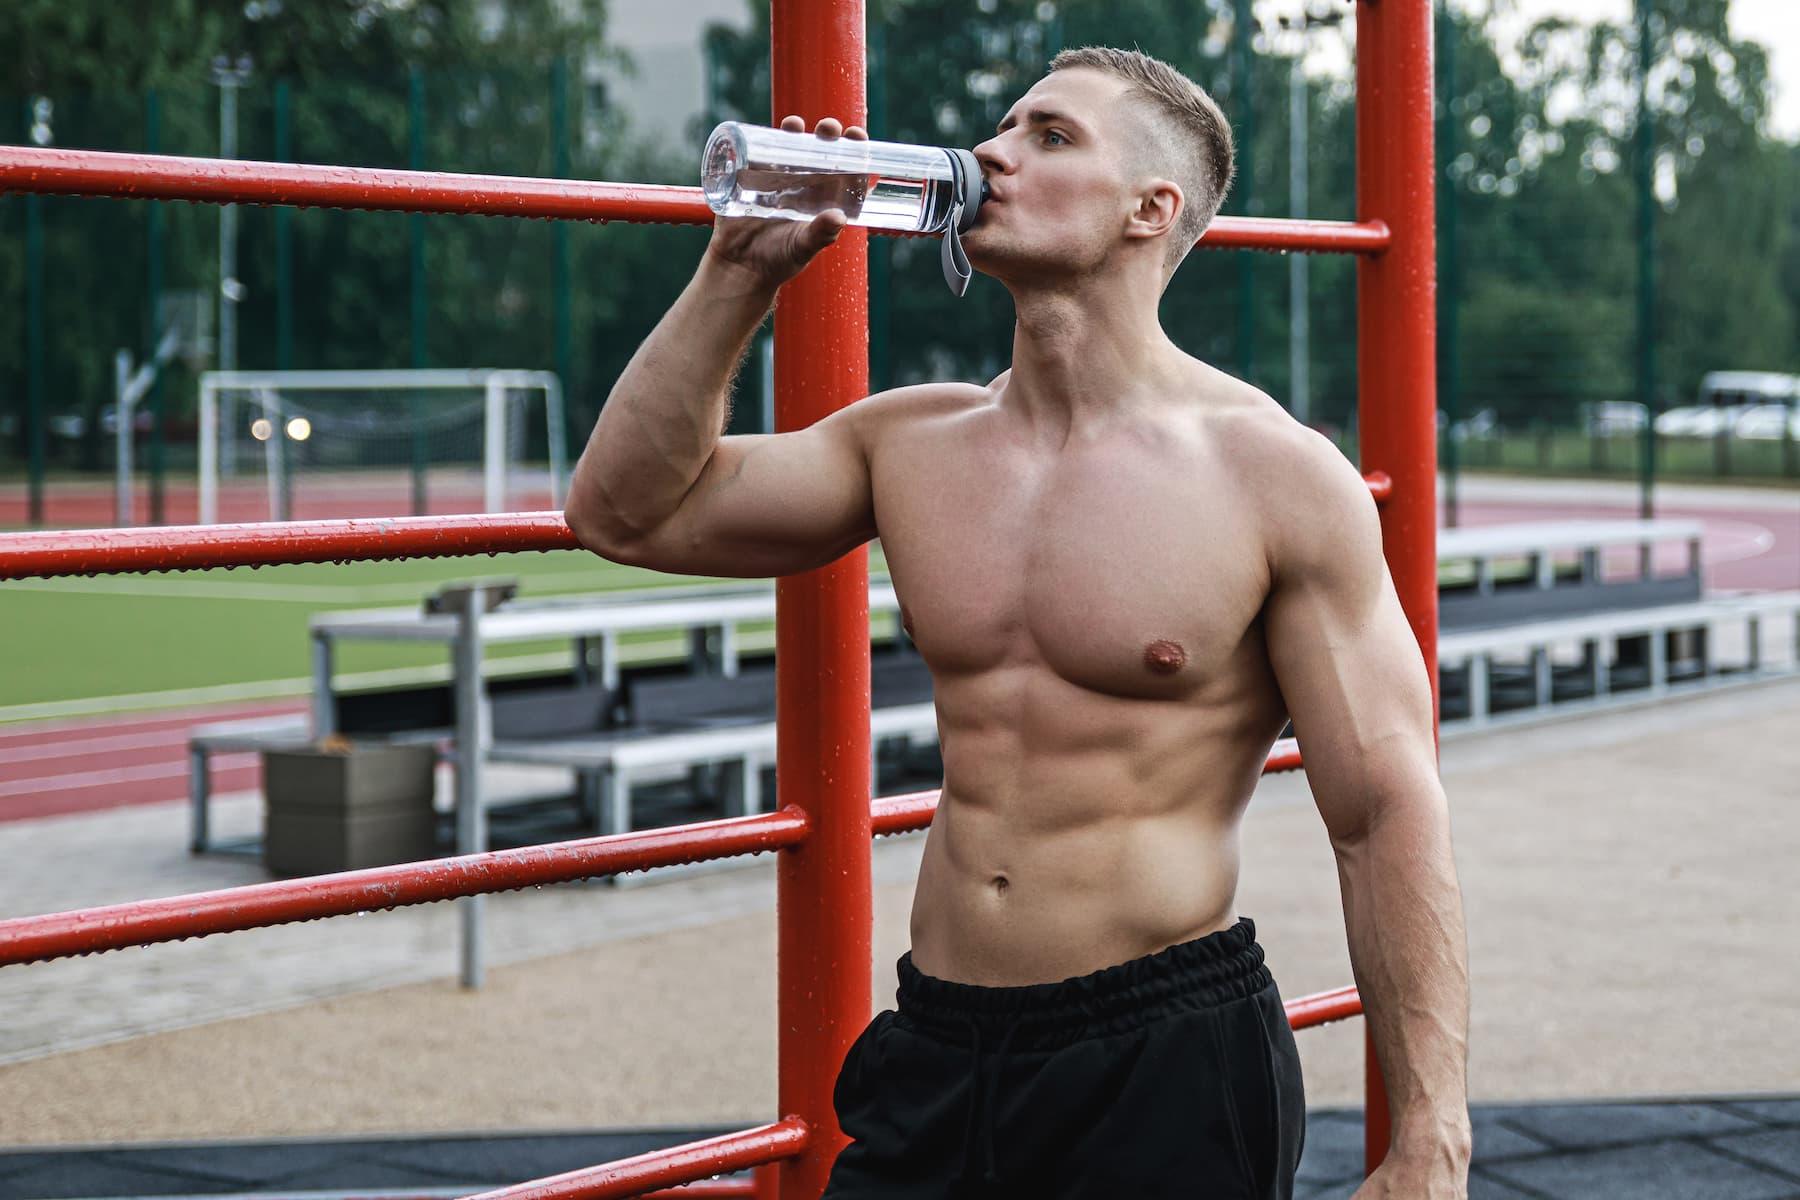 trening w plenerze, nawodnienie podczas treningu, co pić w trakcie treningu